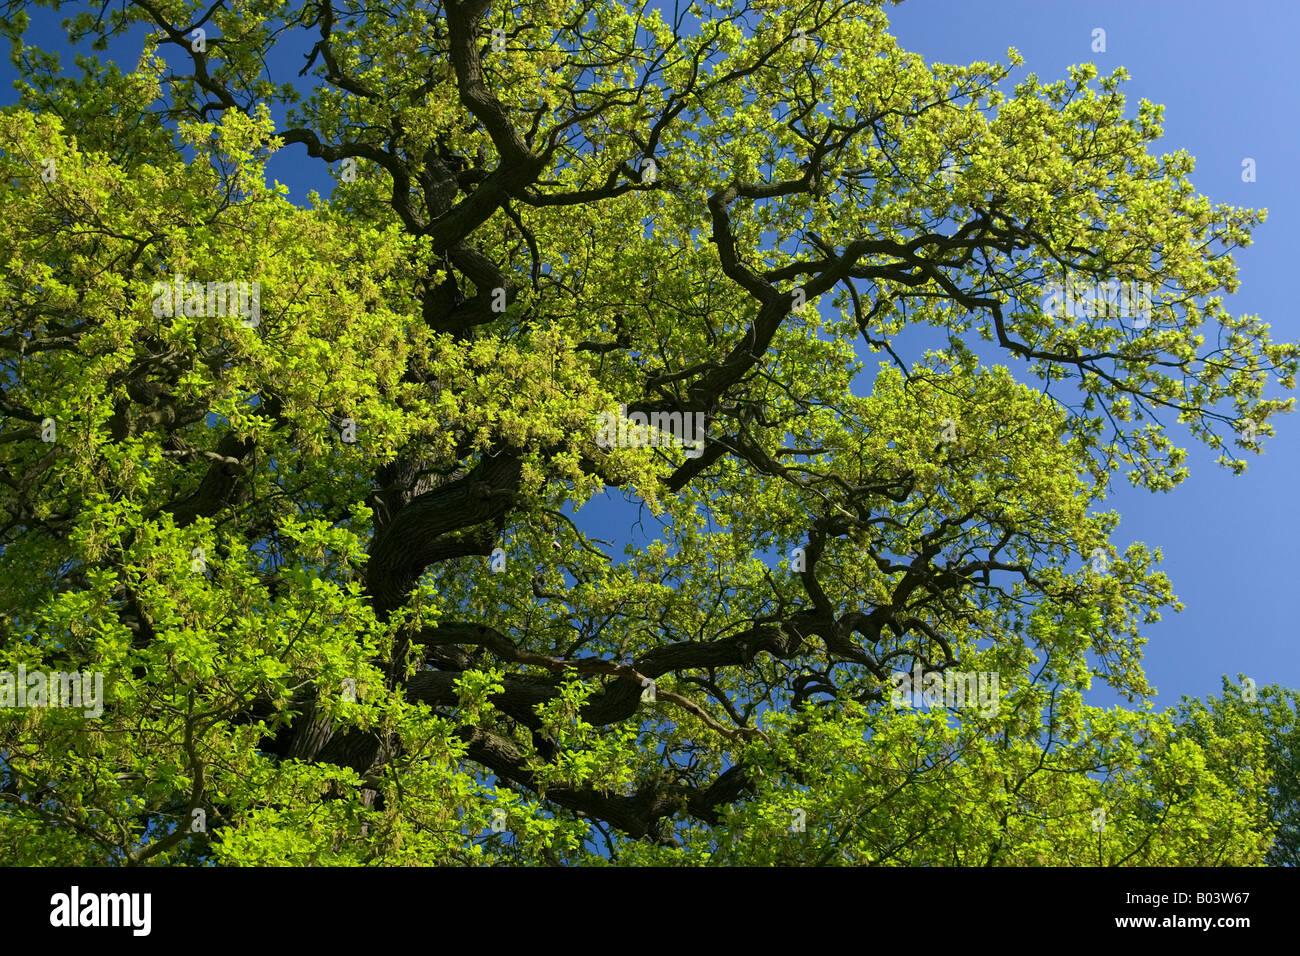 Oak Tree in western pomerania Germany - Stock Image